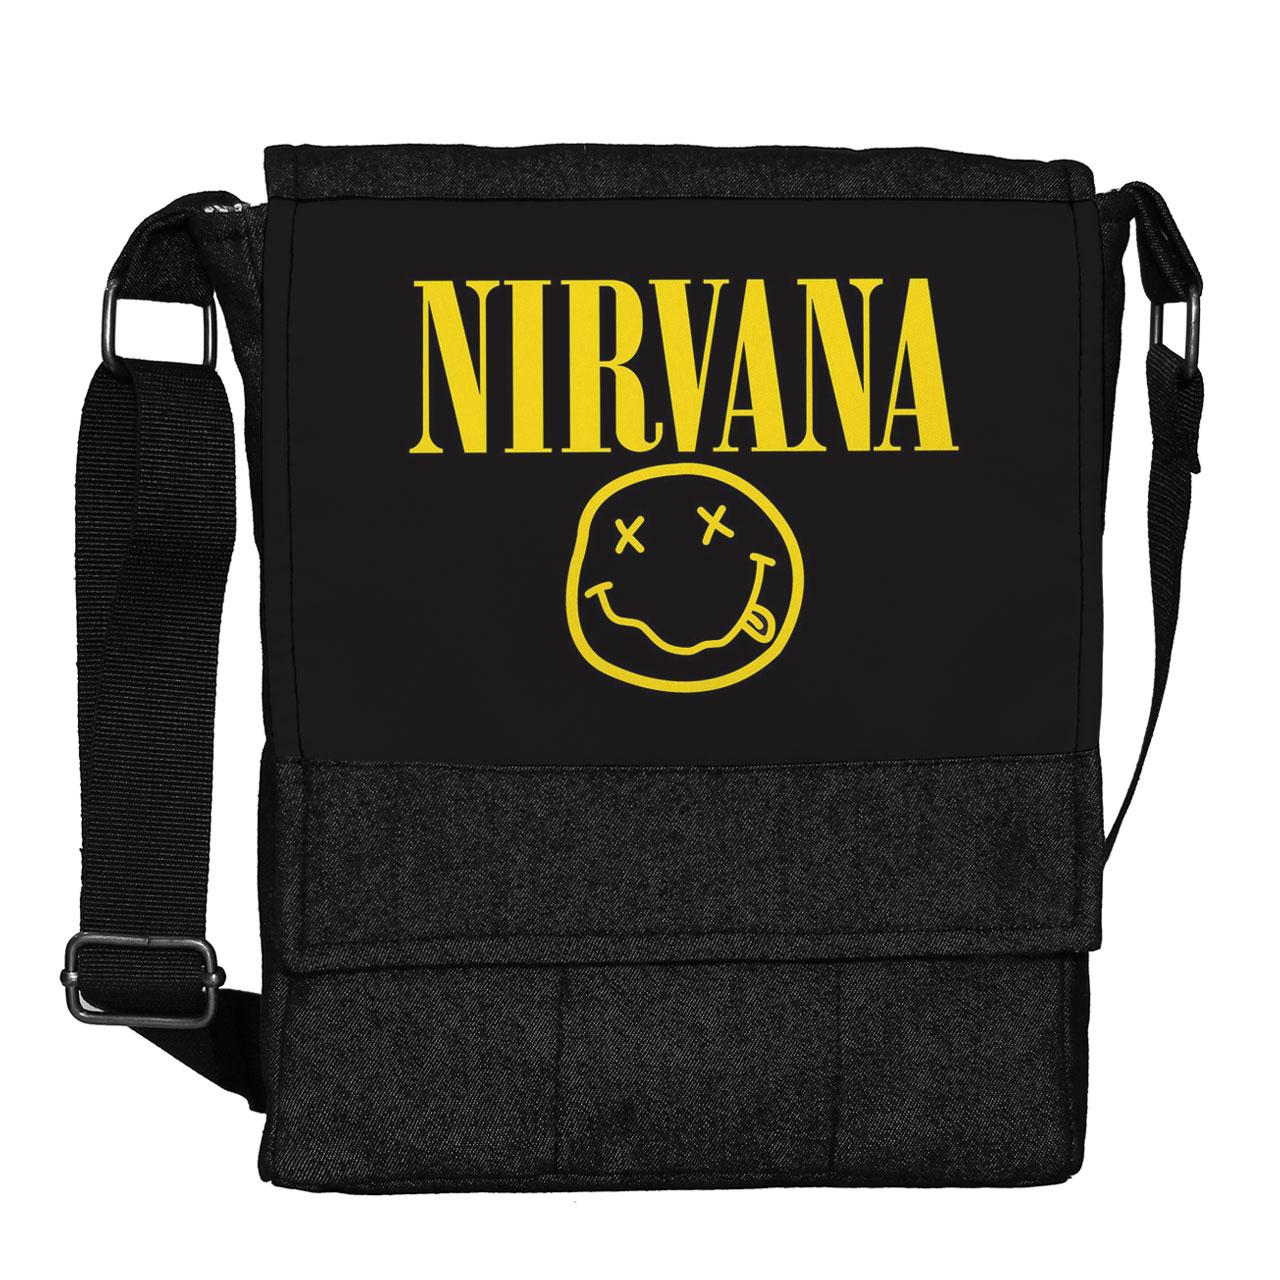 کیف دوشی گالری چی چاپ طرح nirvana کد 65870